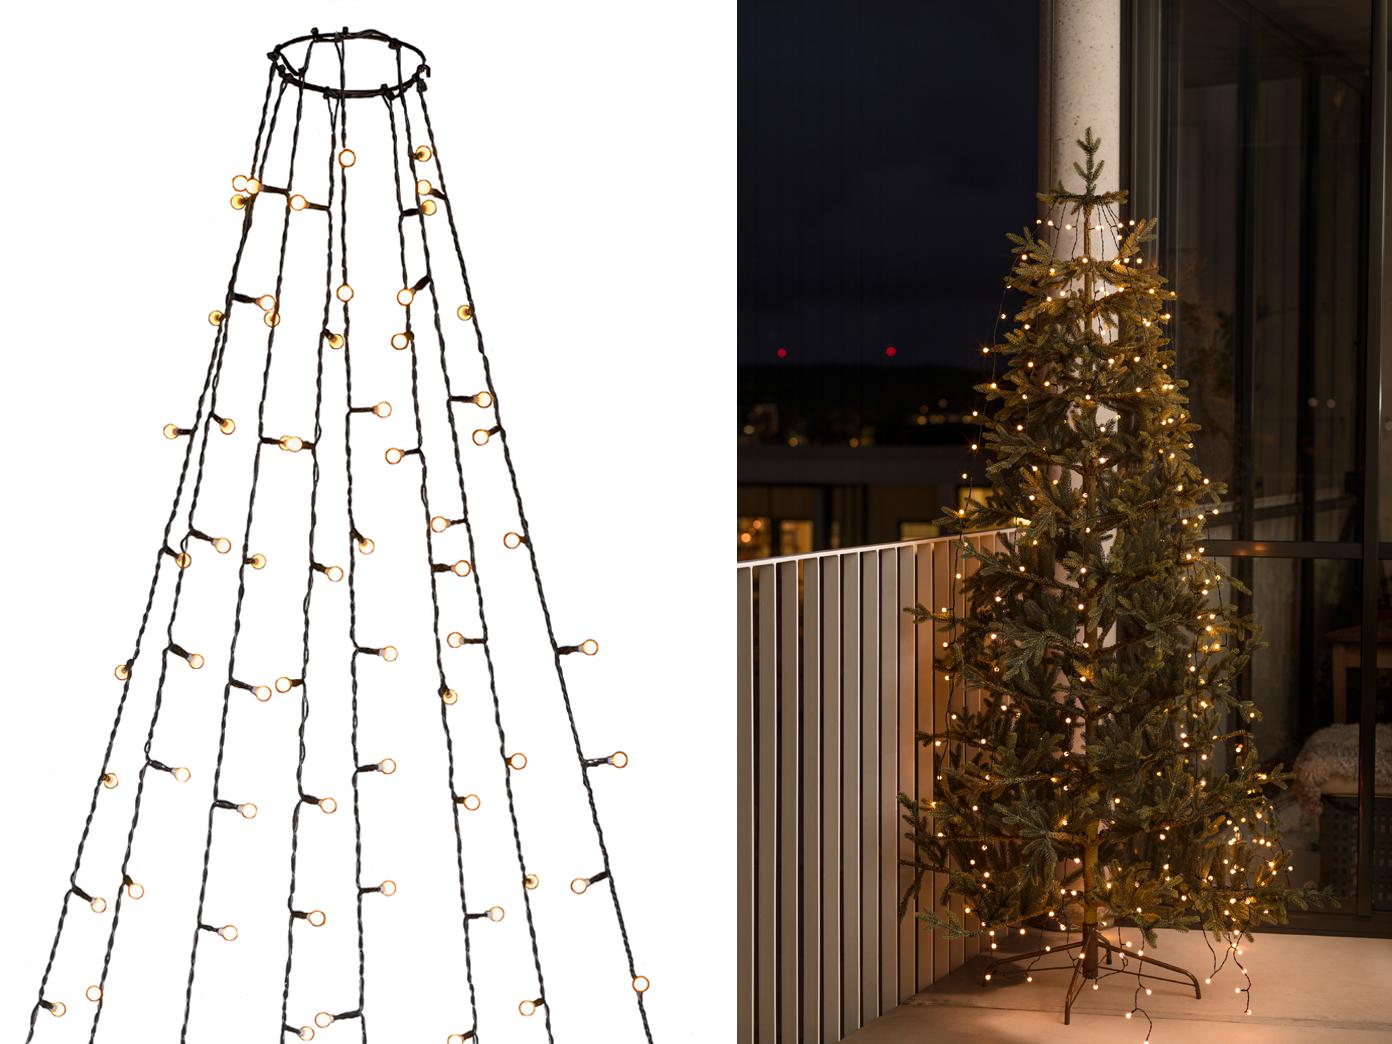 Lichterkette Weihnachtsbaum Außen.Lichterkette Für Außen 240 Bernsteinfarbene Led S Weihnachtsbaum Beleuchtung